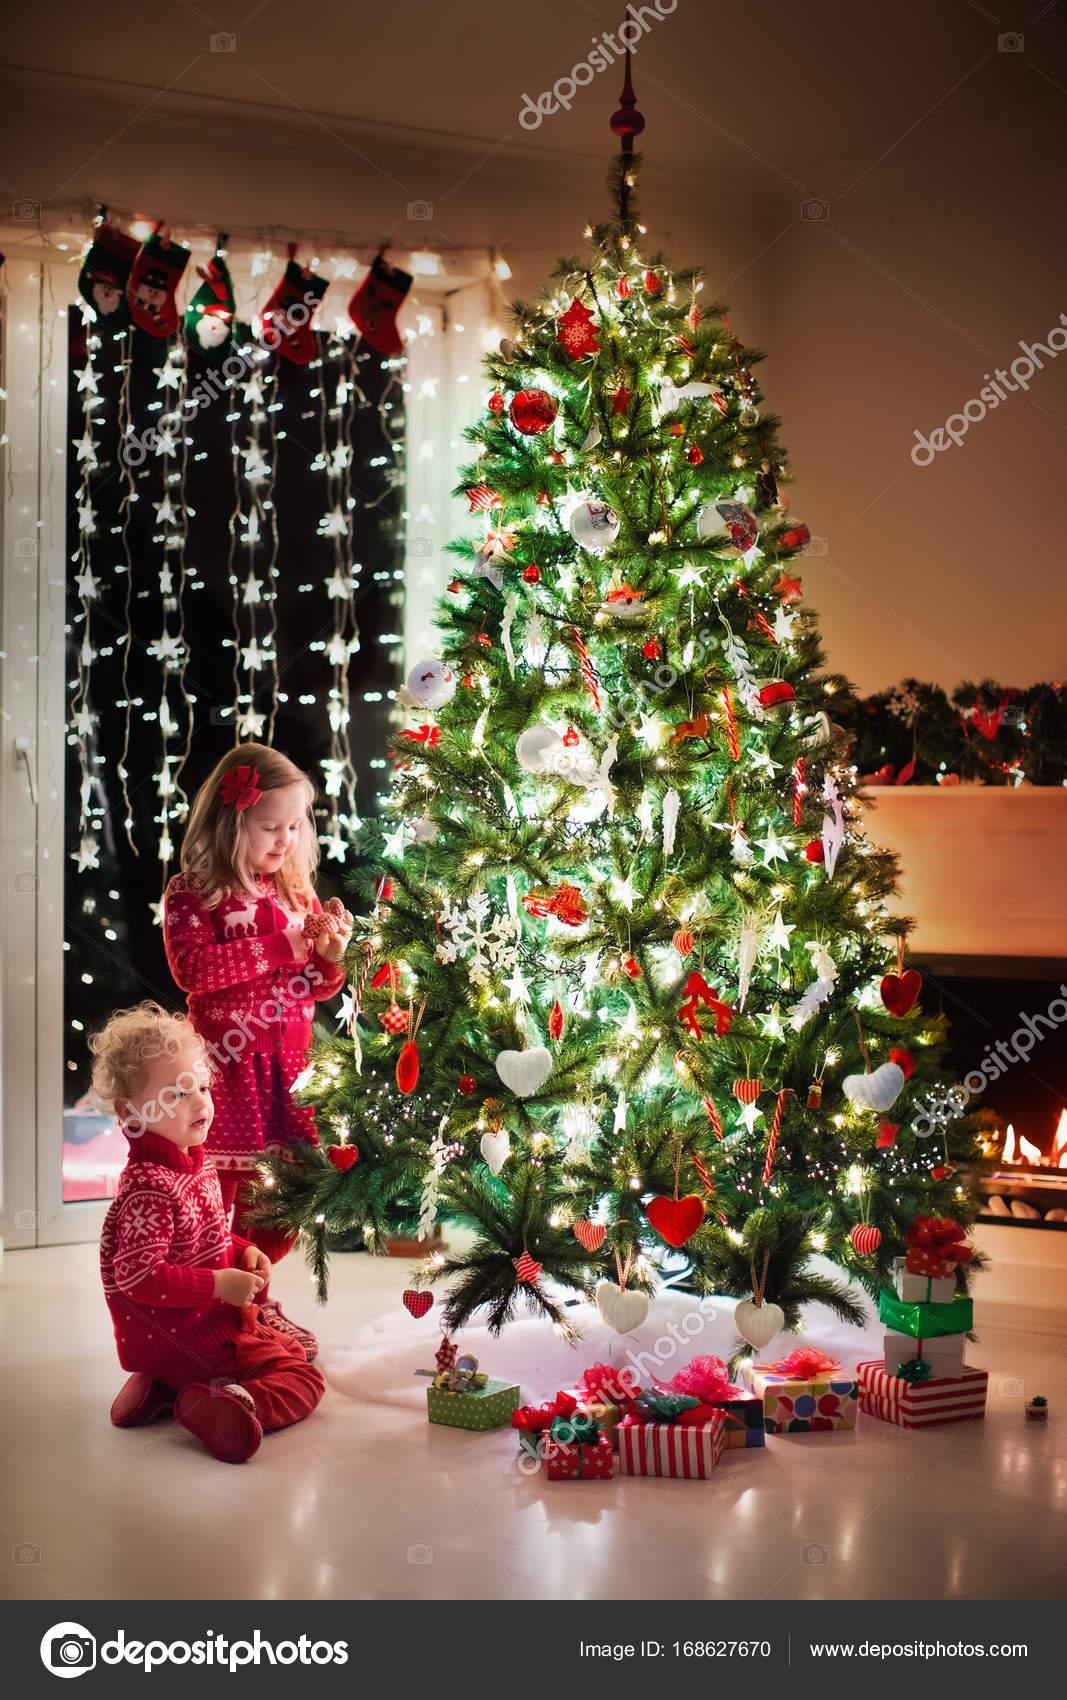 Foto Di Natale Con Bambini.Bambini All Albero Di Natale E Camino Alla Vigilia Di Natale